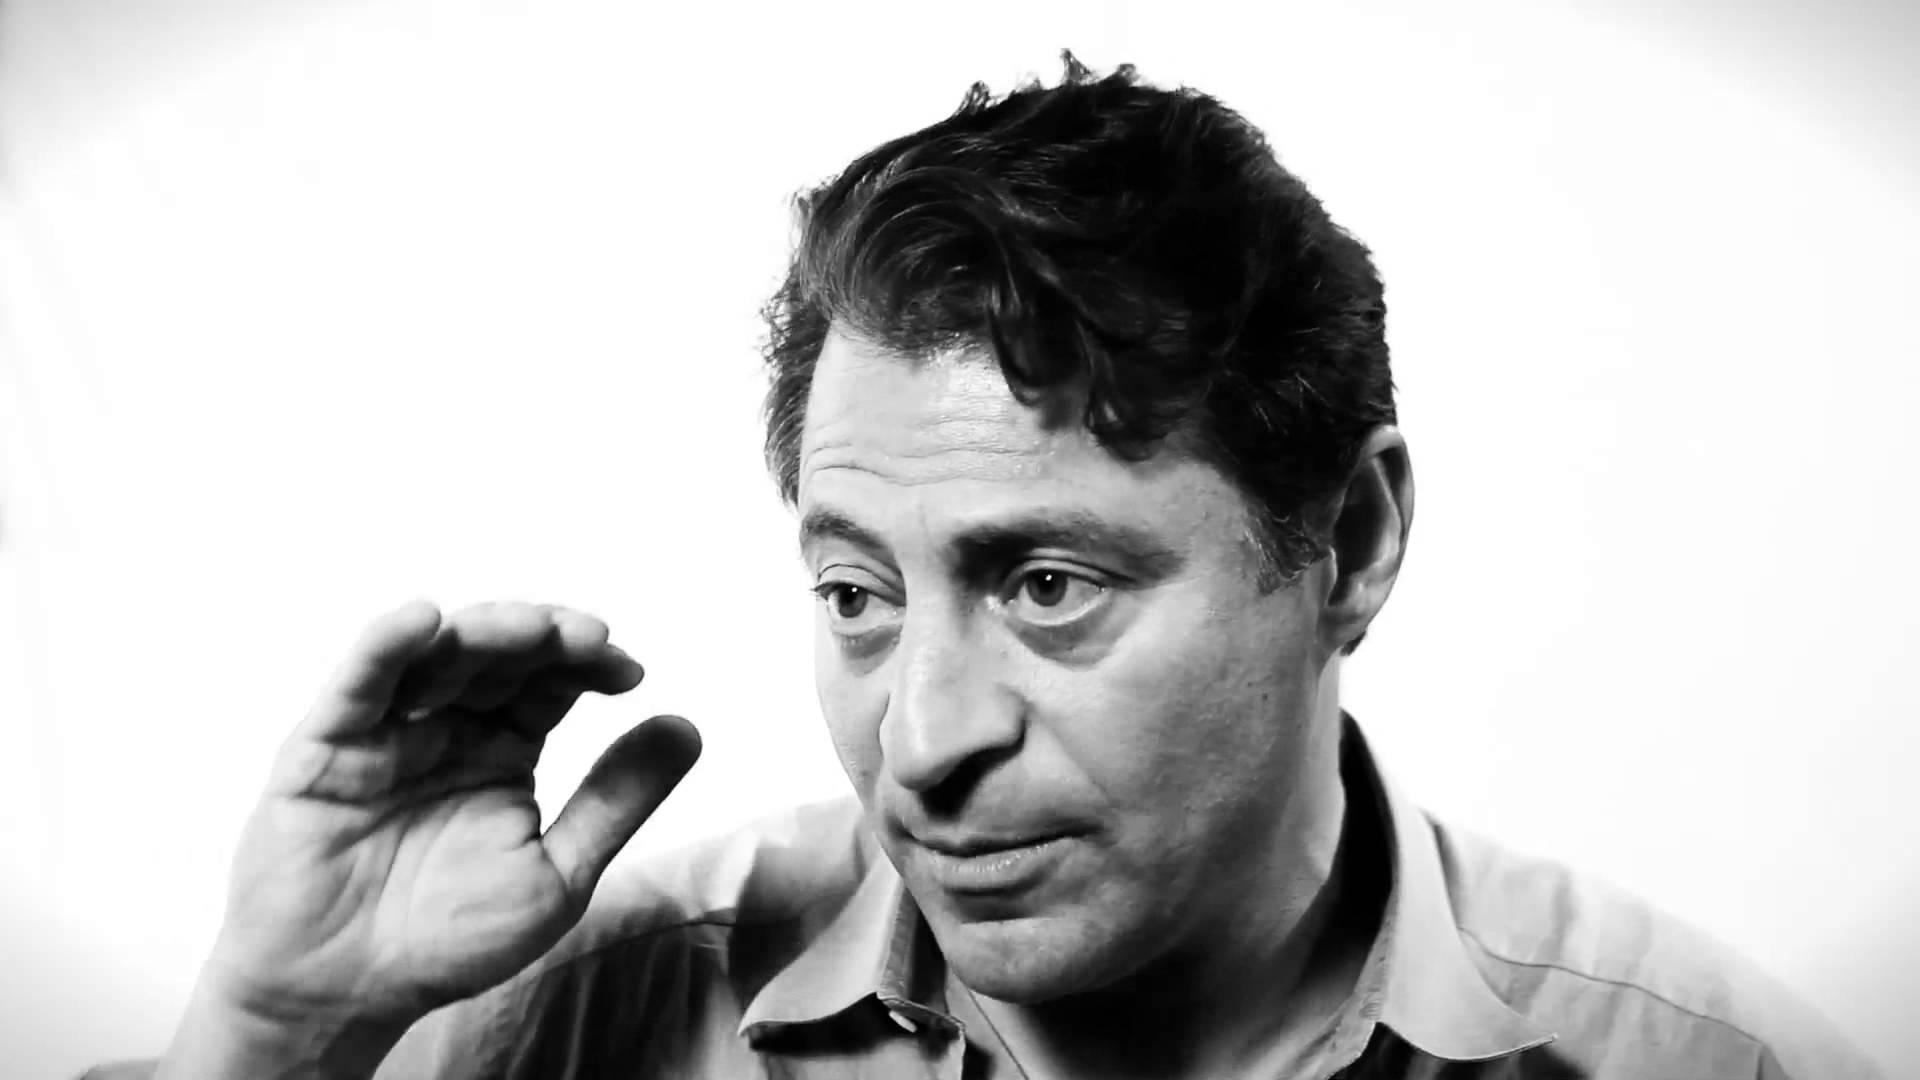 Питер Диамандис, основатель и CEO X PRIZE Foundation